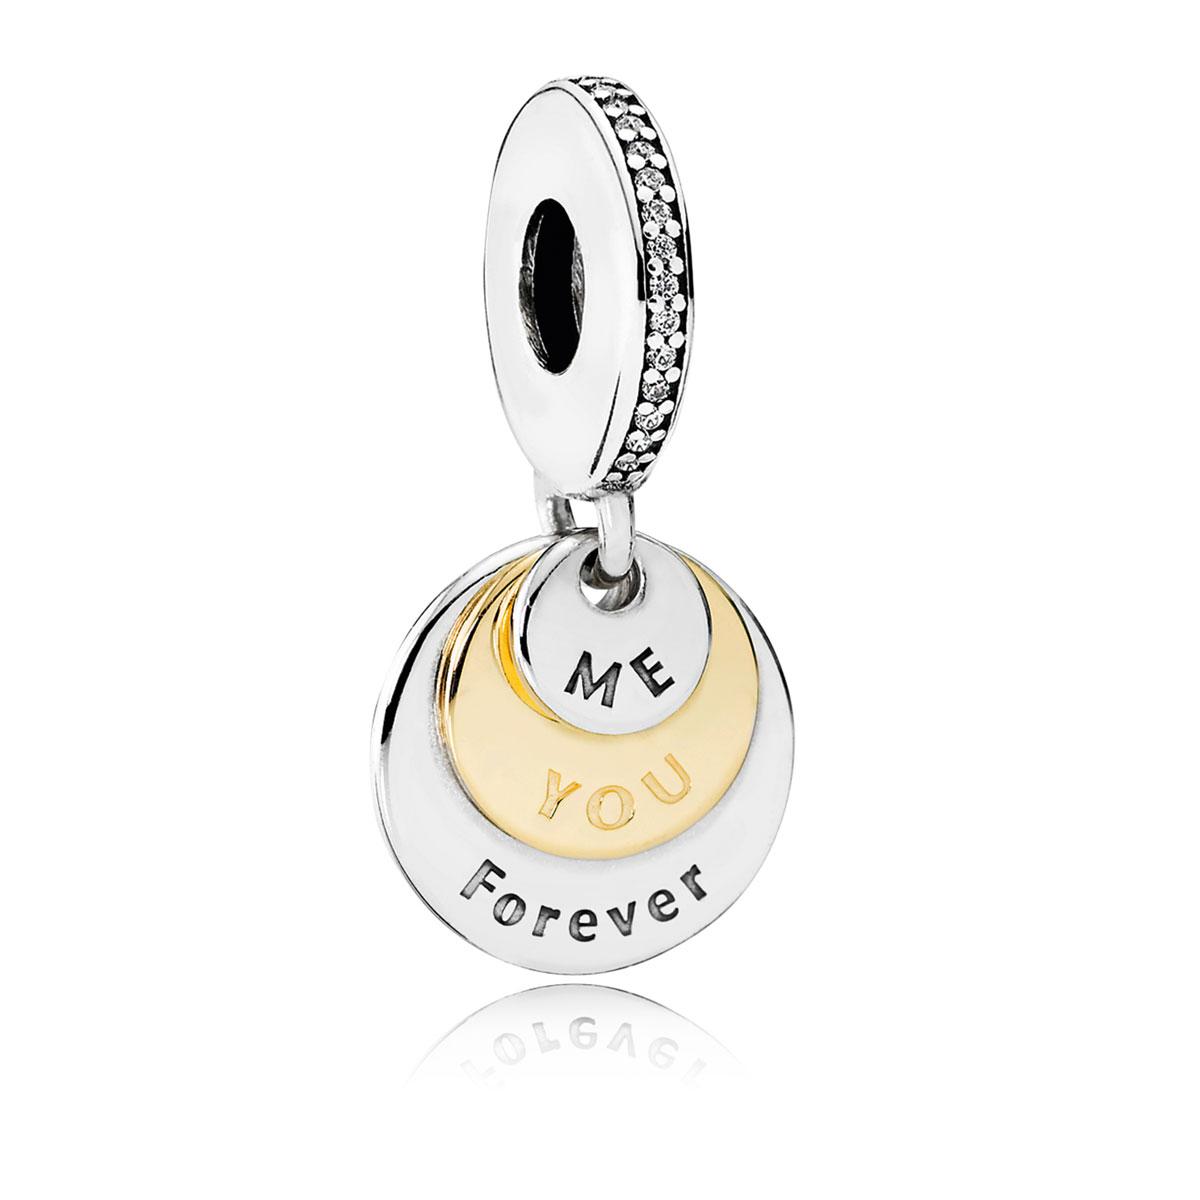 f17dbaf37 PANDORA Sterling Silver & 14KT Gold Charms - Pancharmbracelets.com